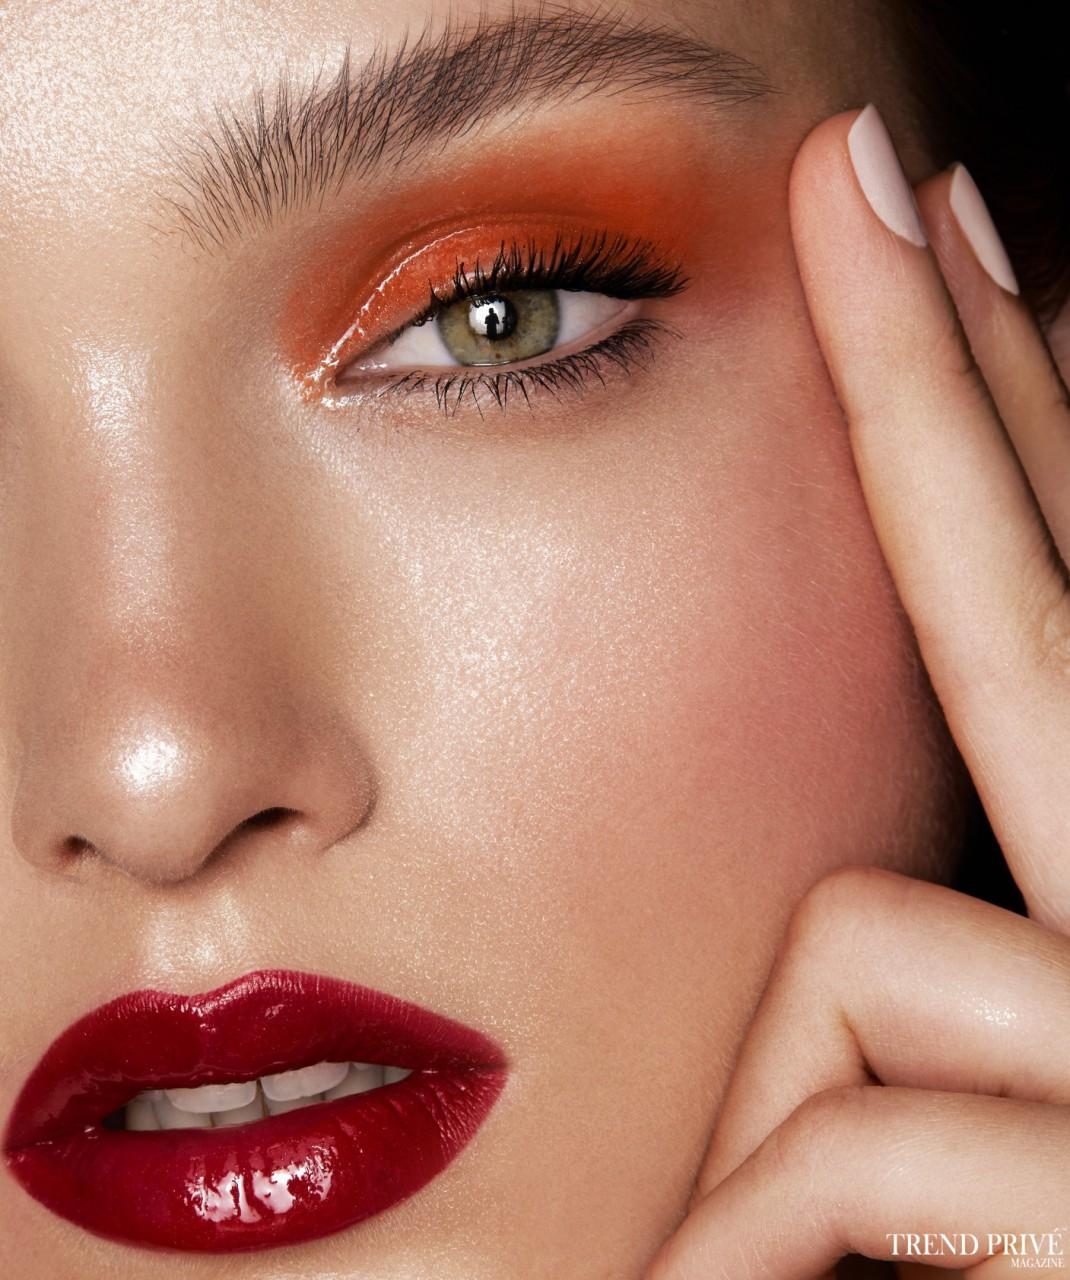 Olga-Shutieva-Beauty-agosto-20181418